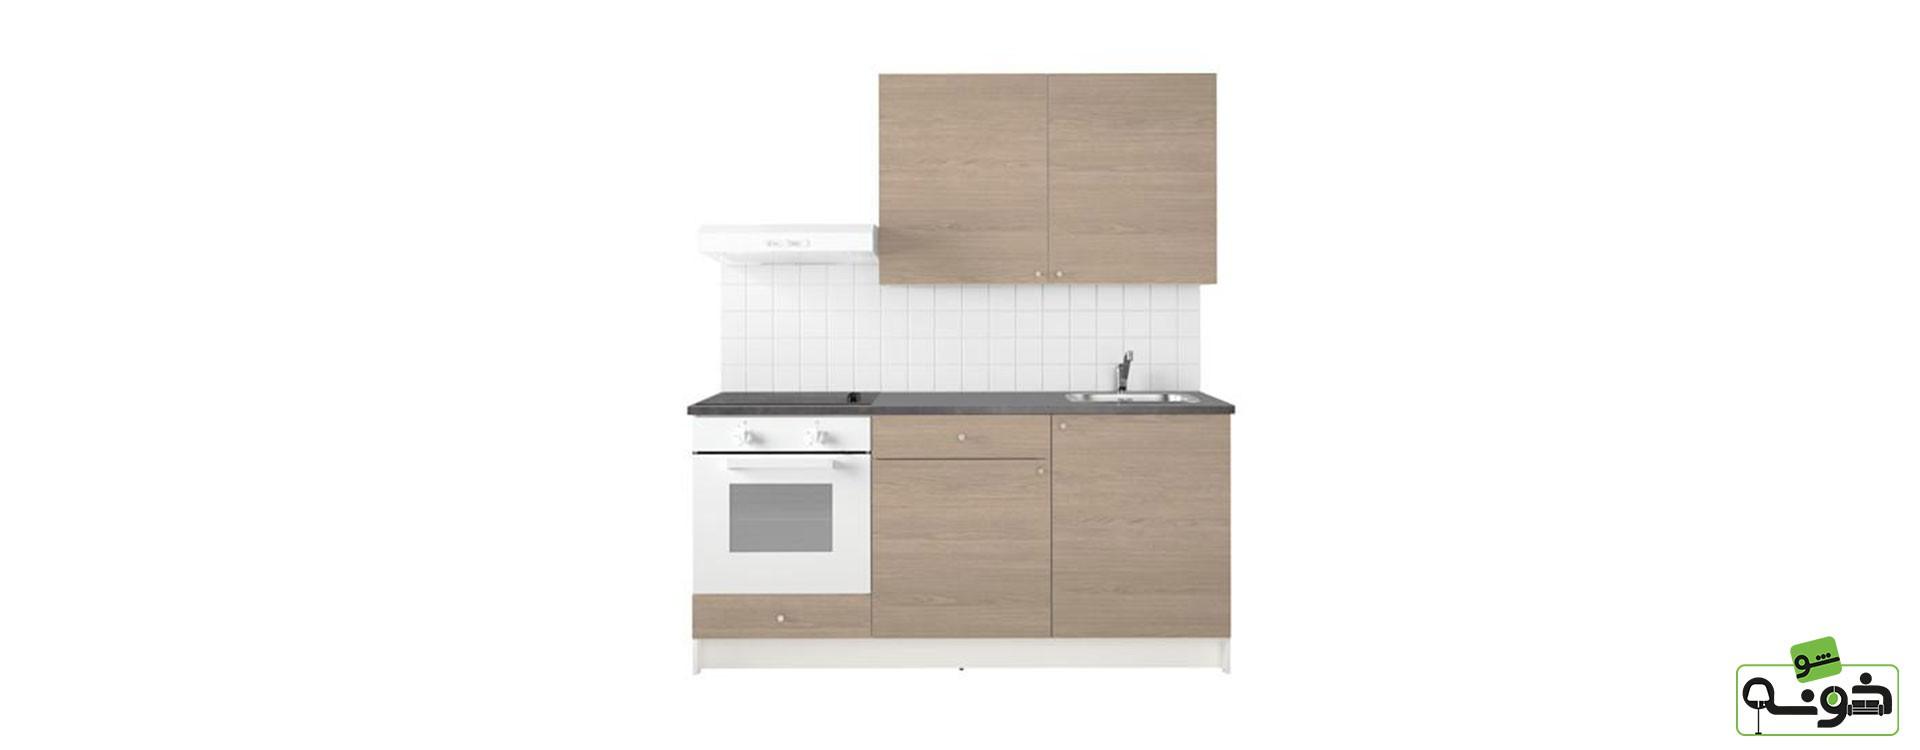 چگونه بهترین رنگ کابینت را برای دکوراسیون آشپزخانه انتخاب کنید